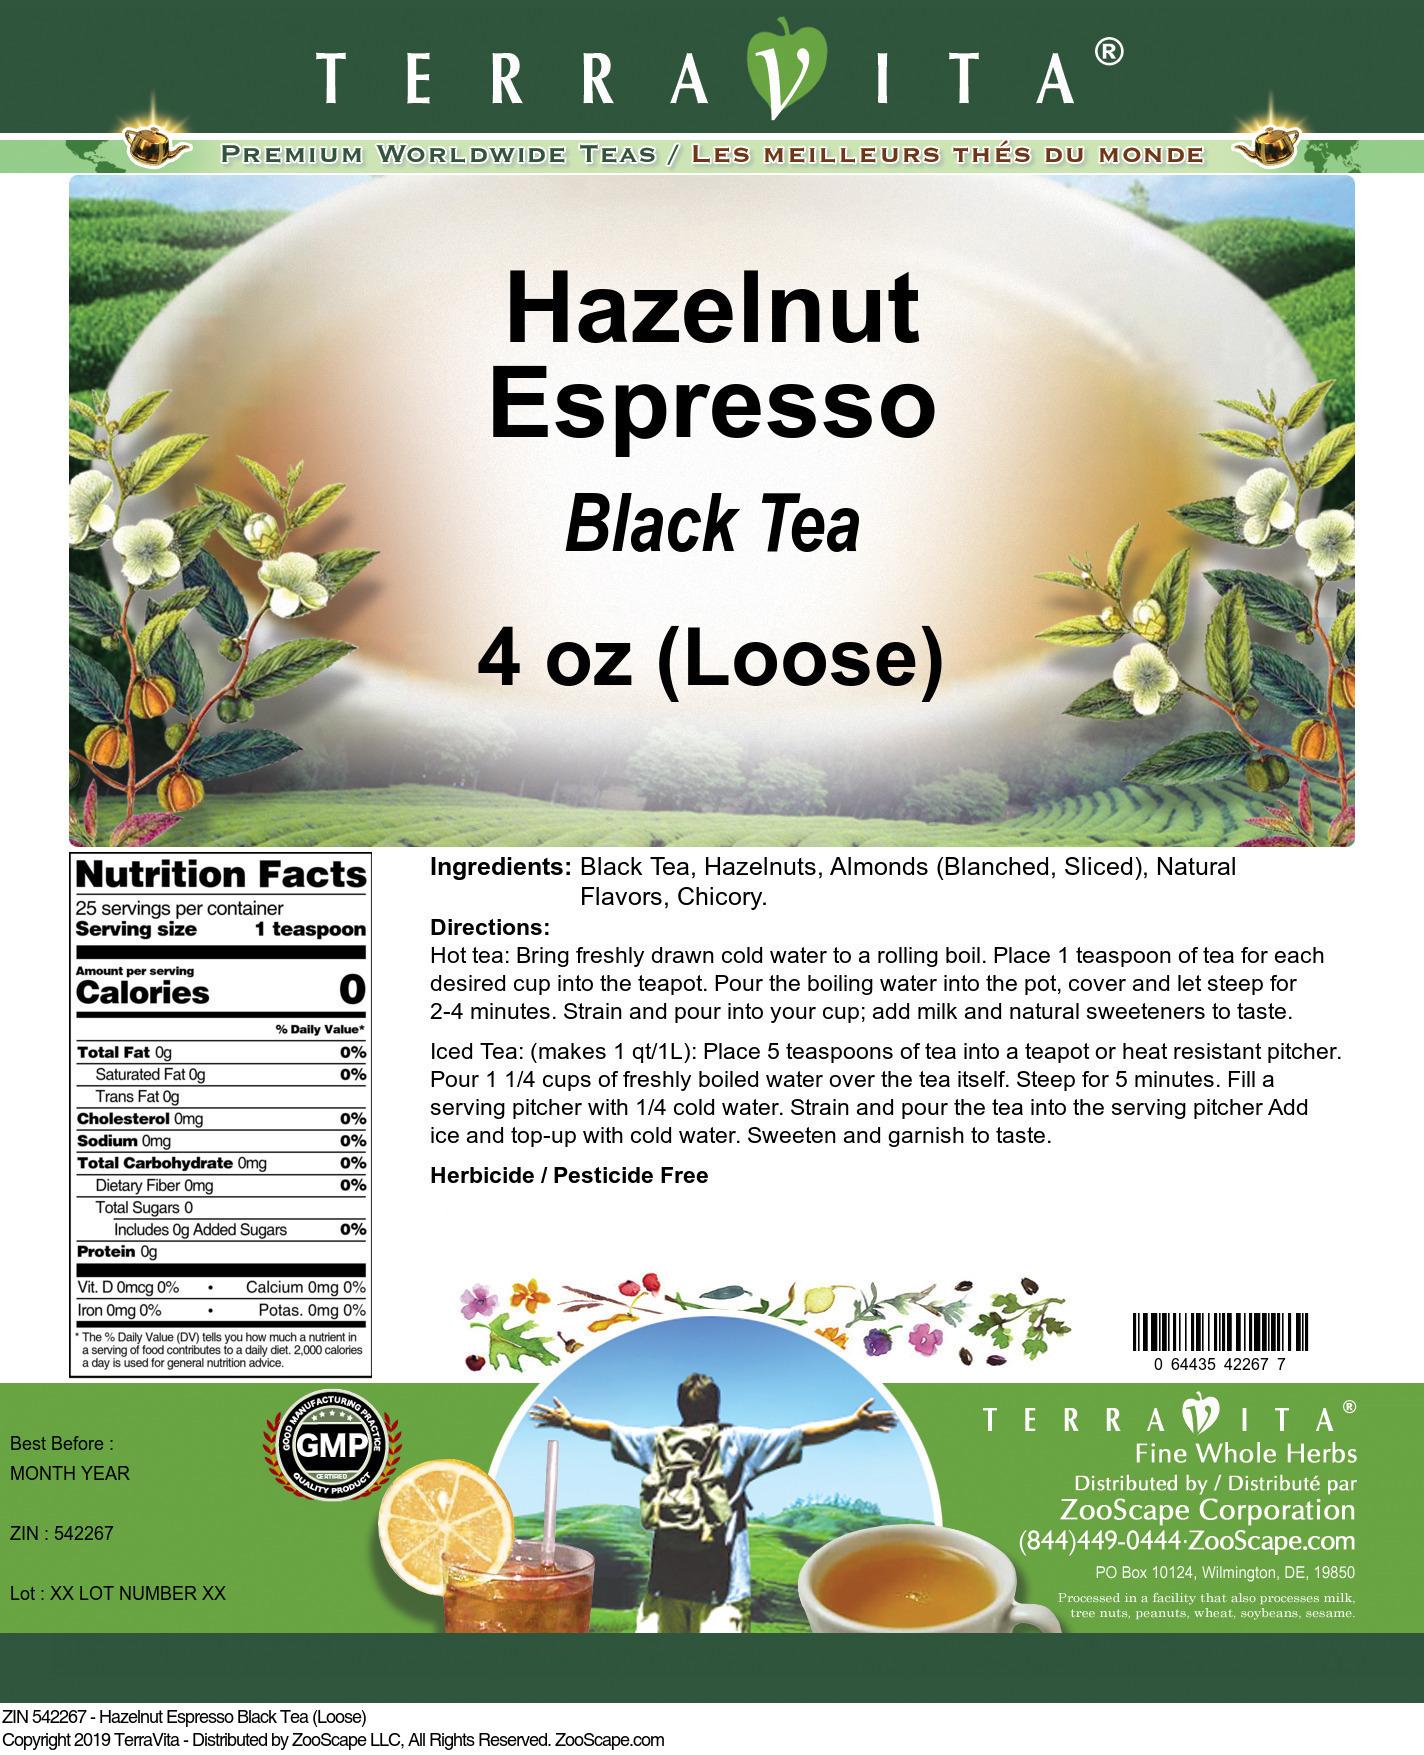 Hazelnut Espresso Black Tea (Loose)